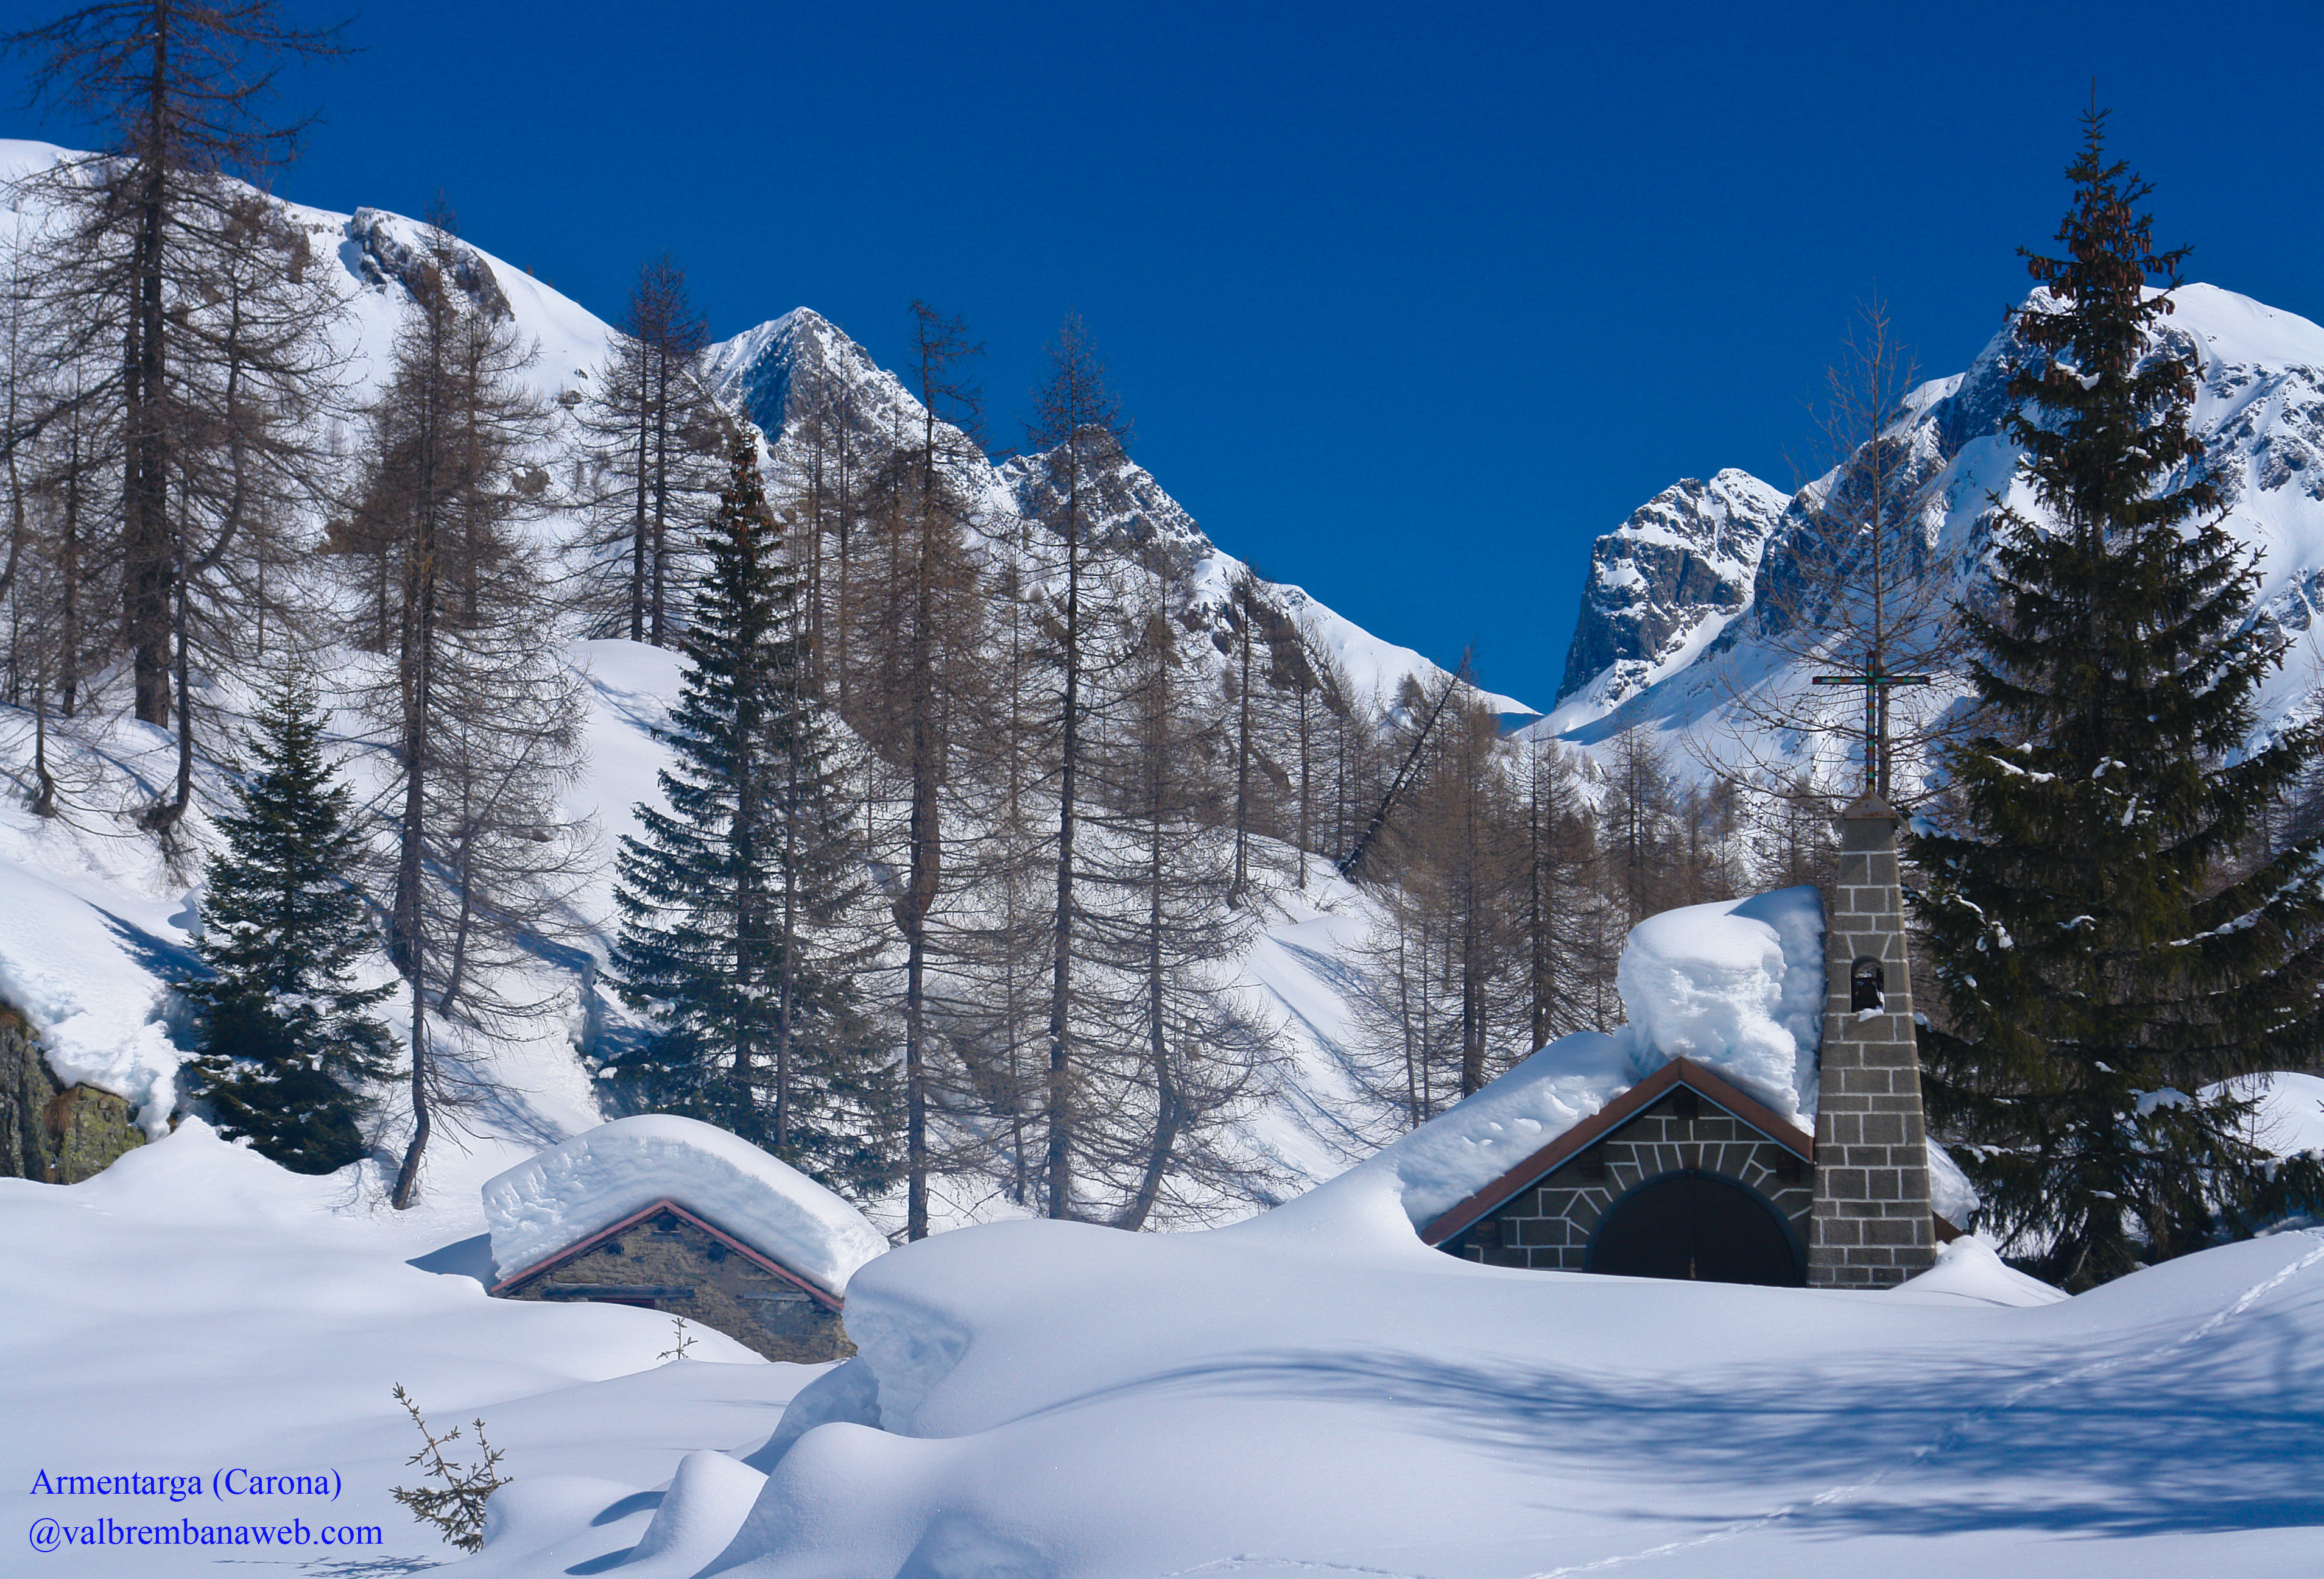 Valle brembana invernale ai magici scenari della conca for Sfondi gratis desktop inverno